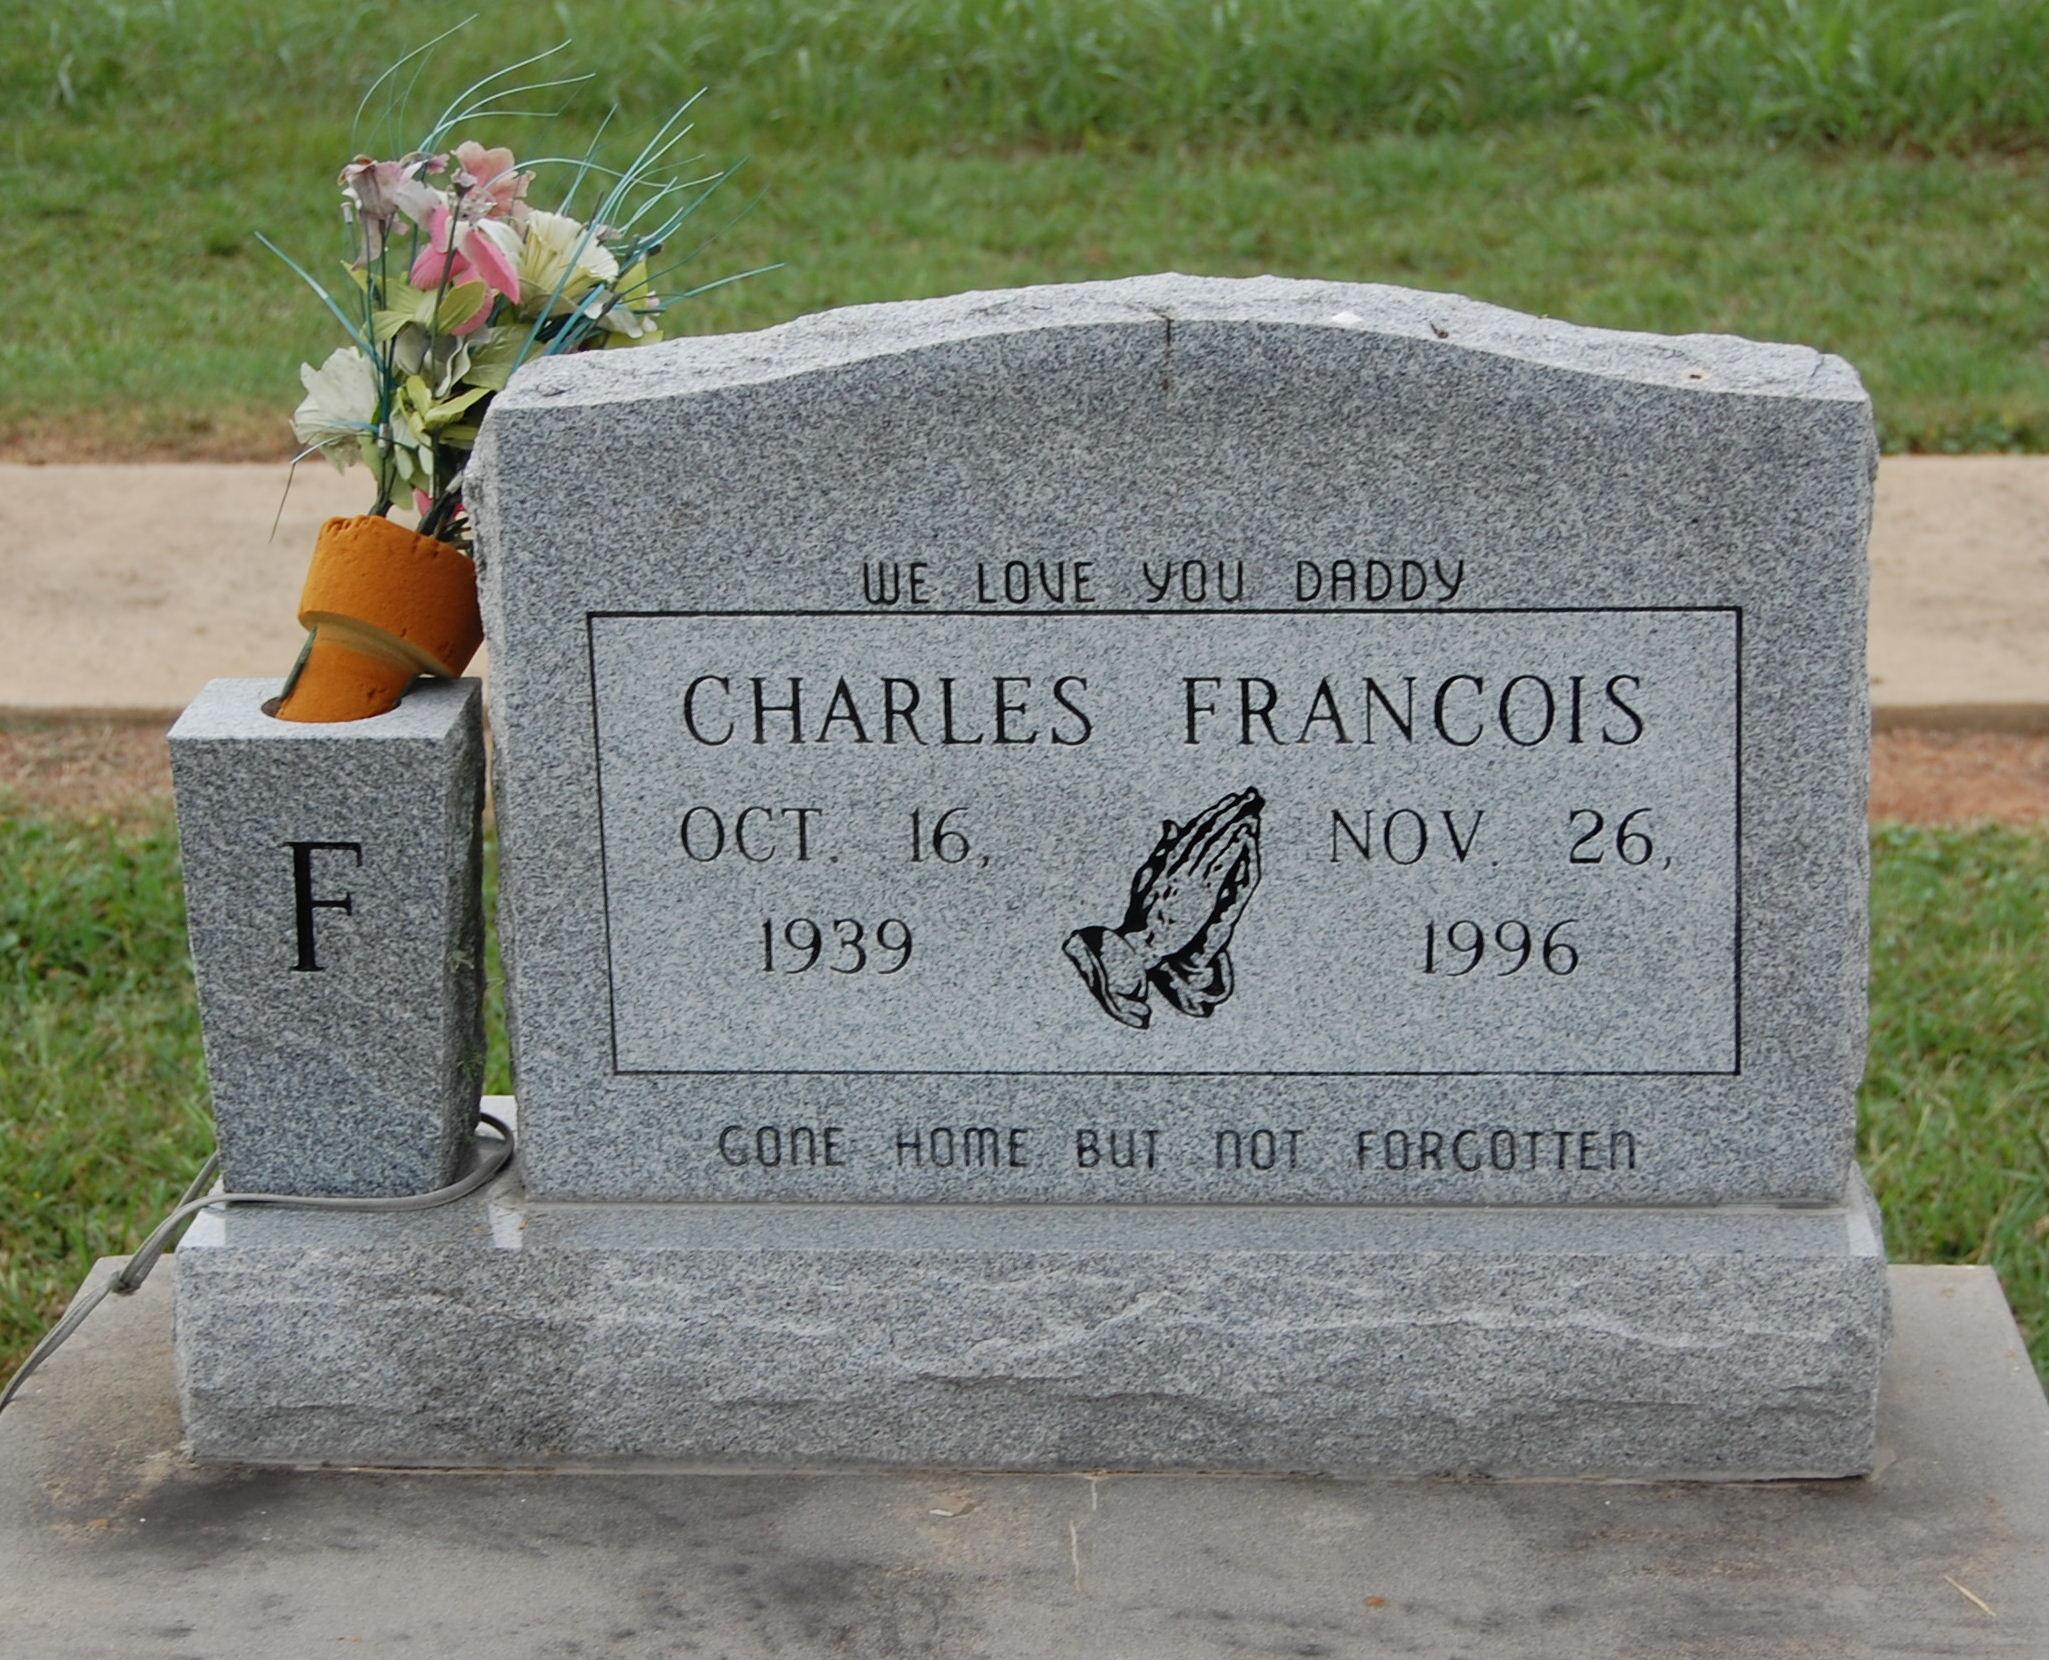 Charles Francois